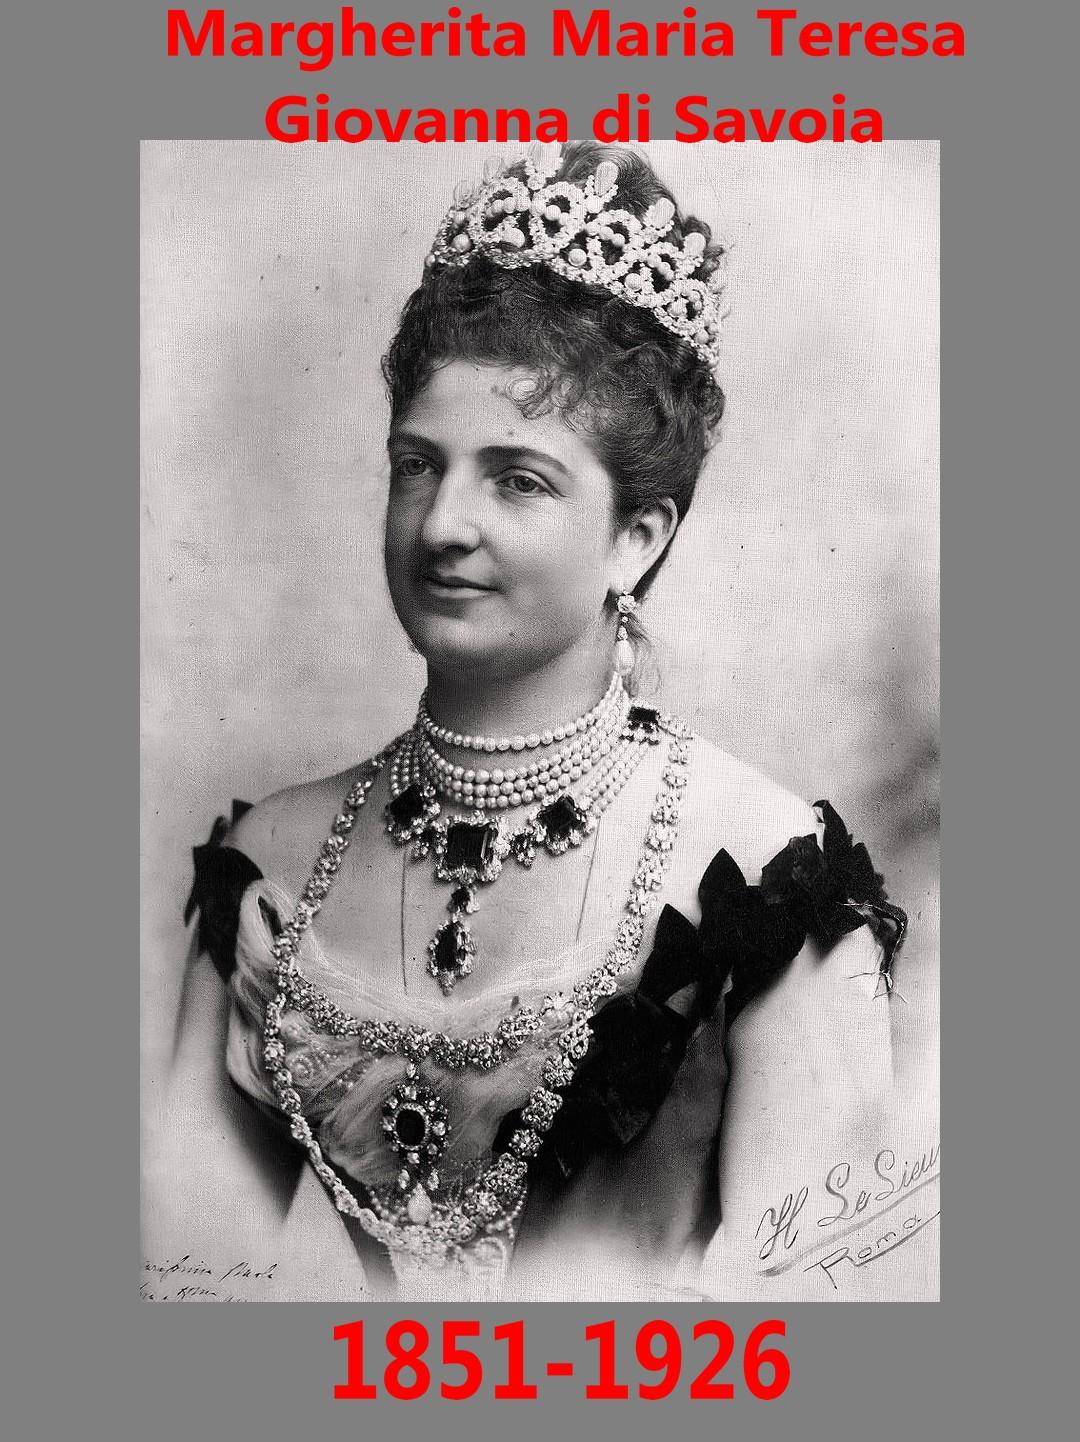 Margherita Maria Teresa Giovanna di Savoia Queen Margharitha di Savoia